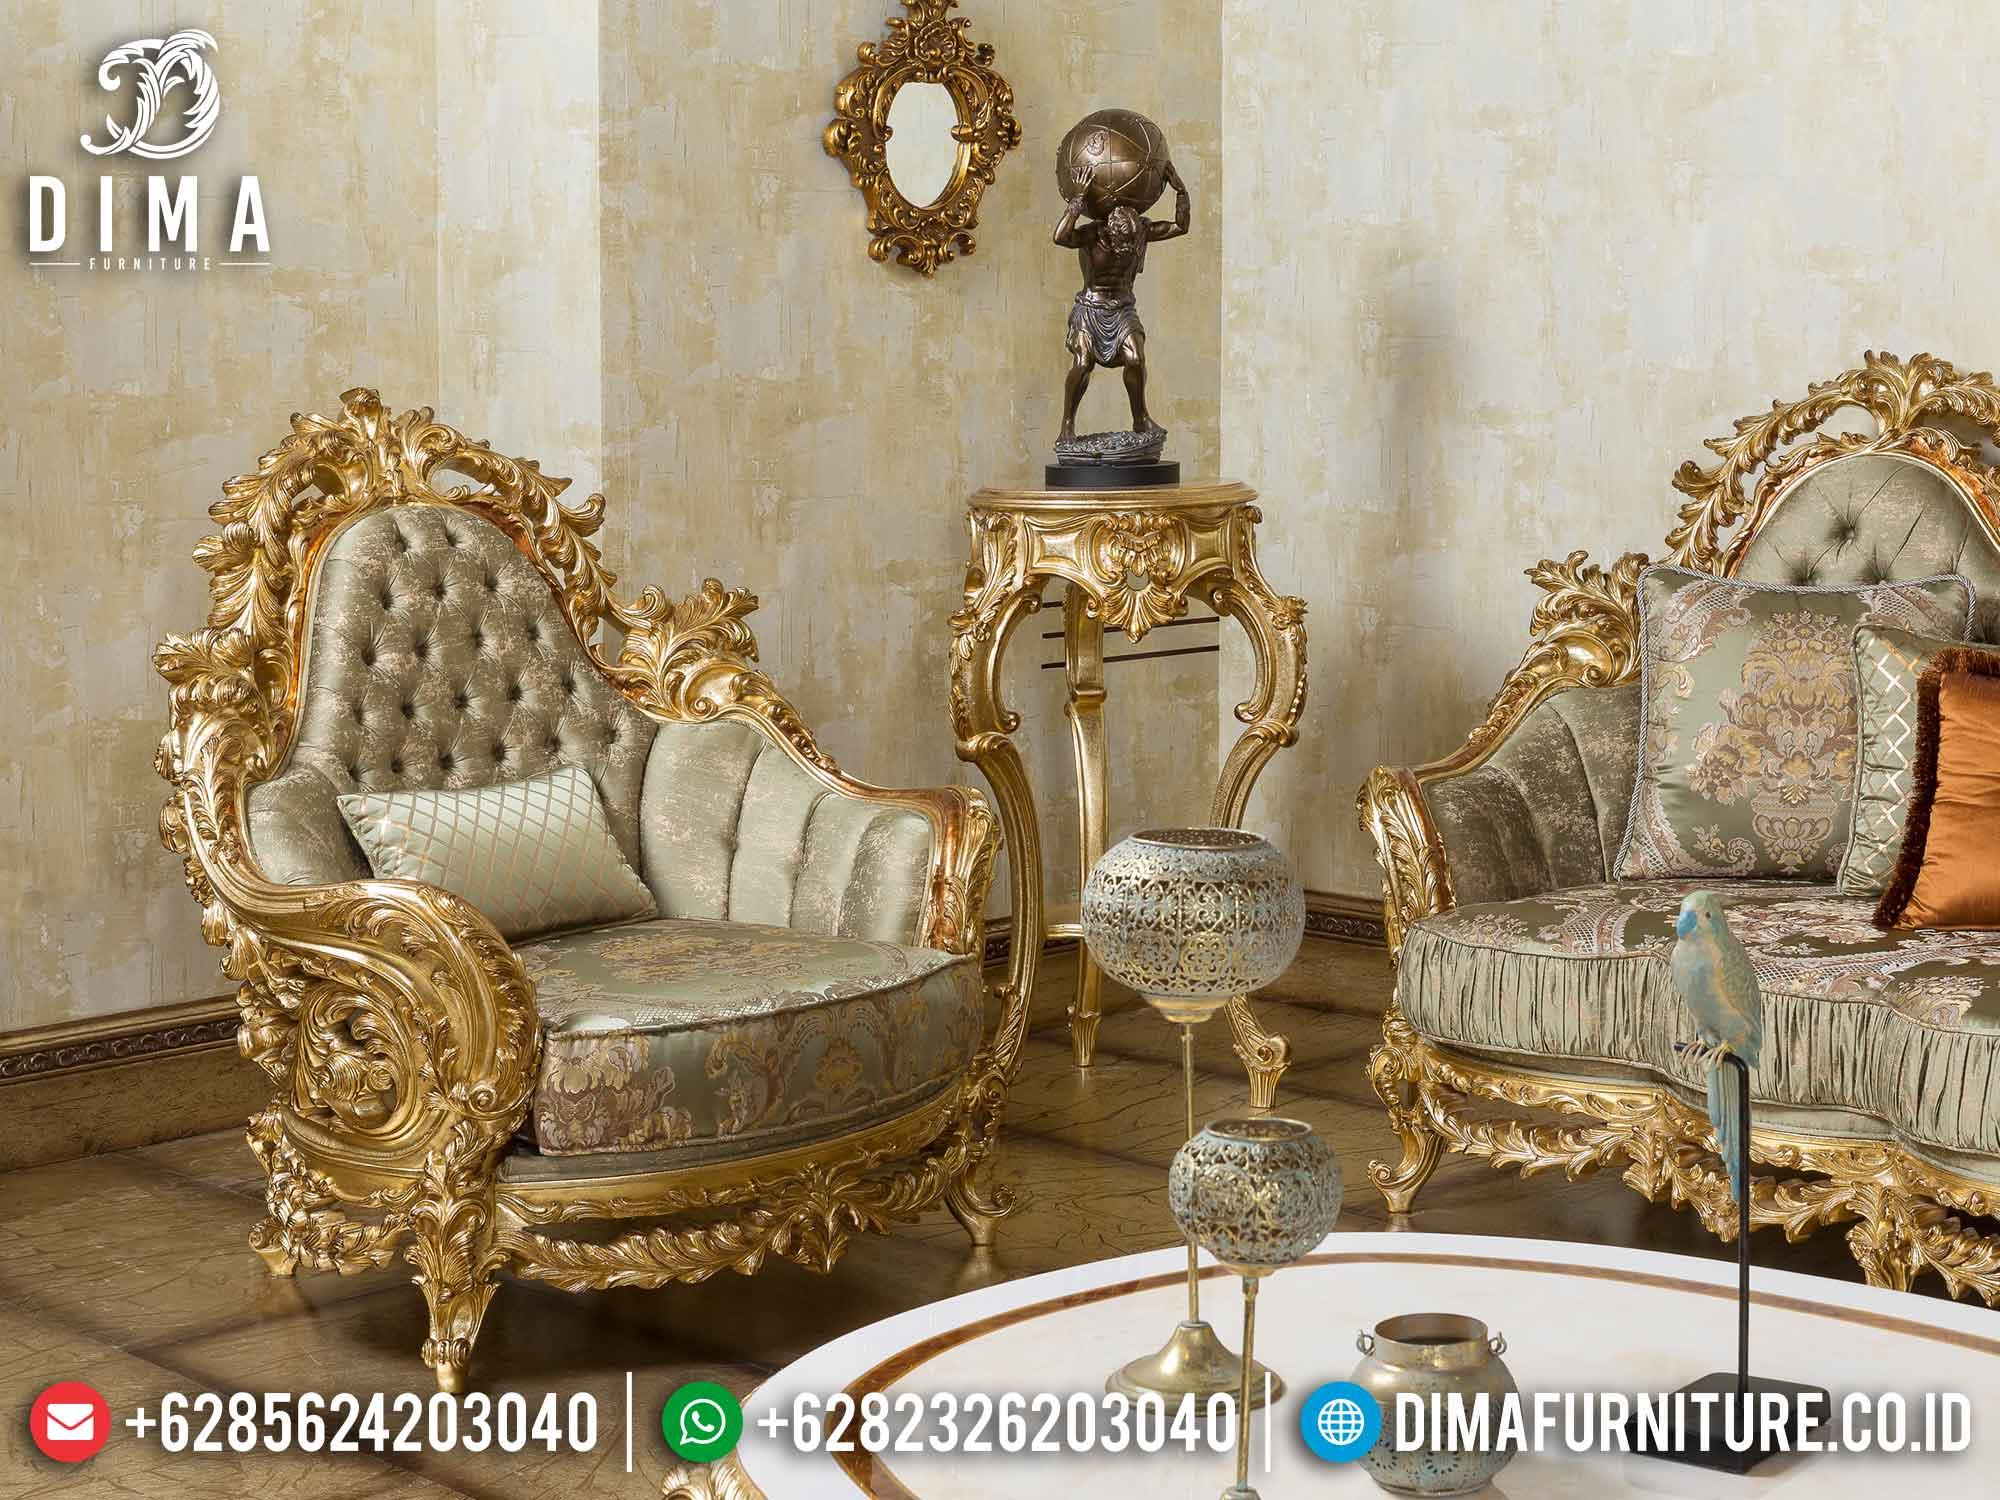 Sofa Tamu Mewah Set Classic Gold Leaf Ukiran Jepara DF-1468 Gambar 2